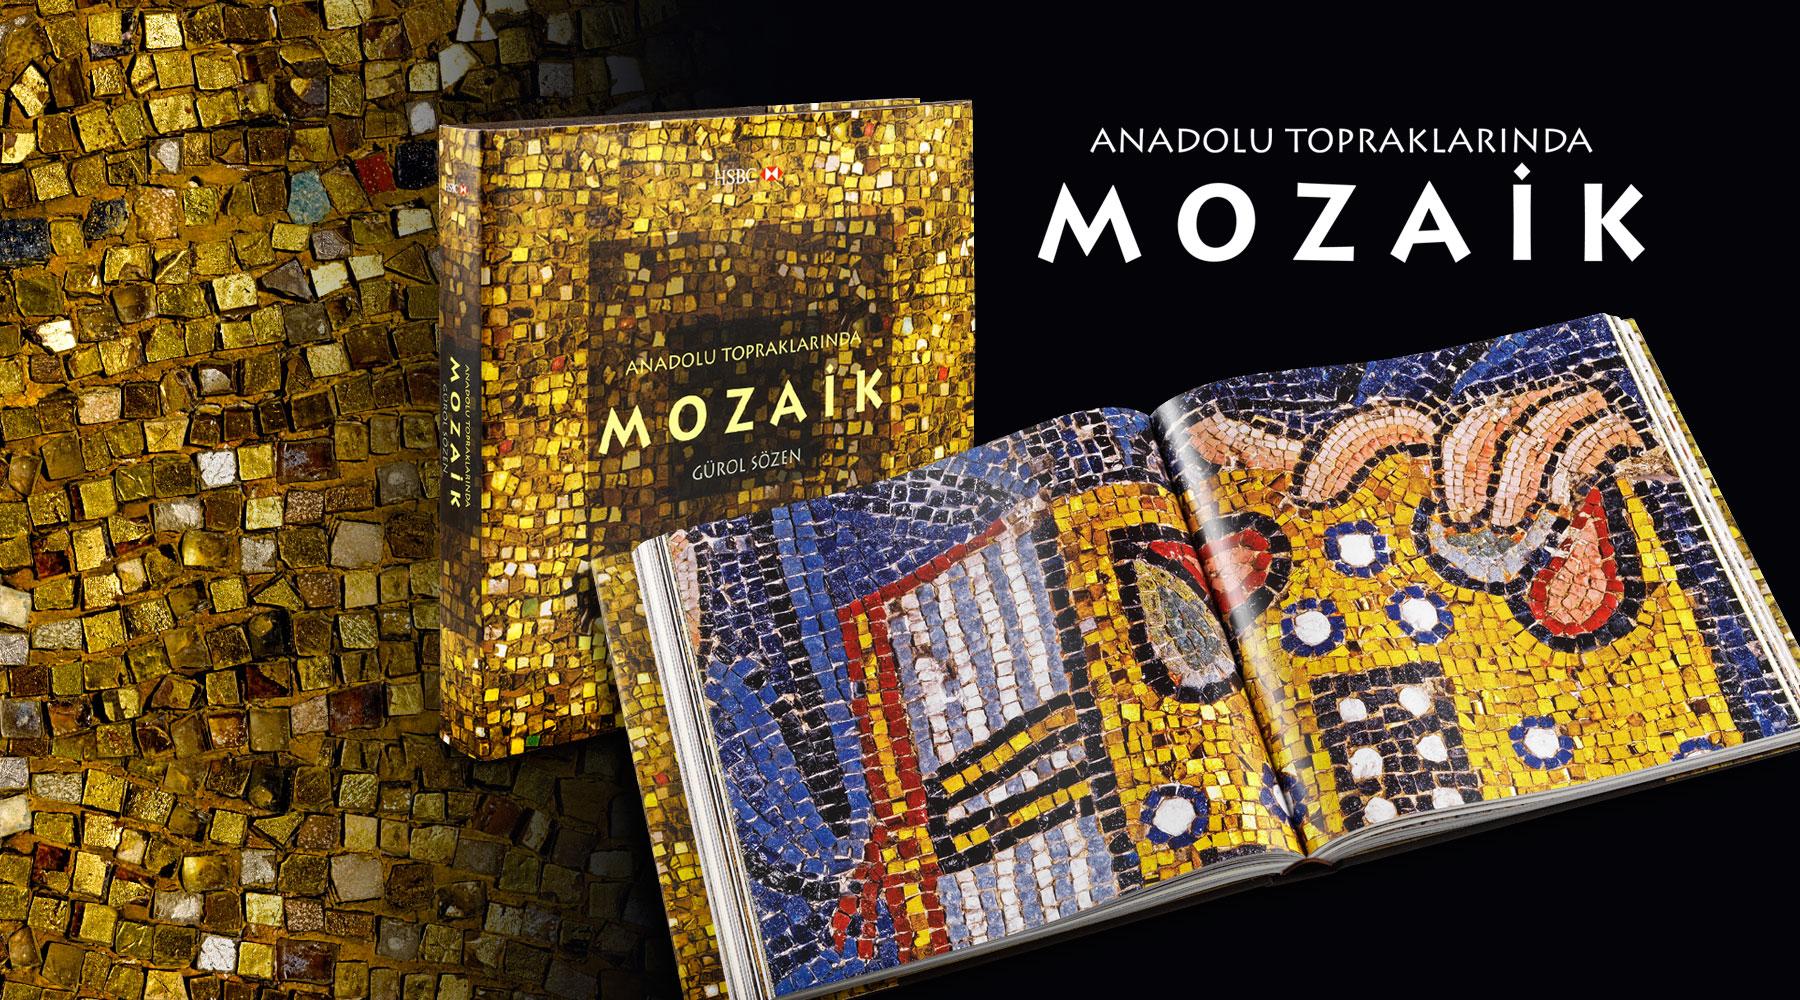 Anadolu Topraklarında Mozaik Kitabı, Satın al, ISBN: 605-5495-08-4